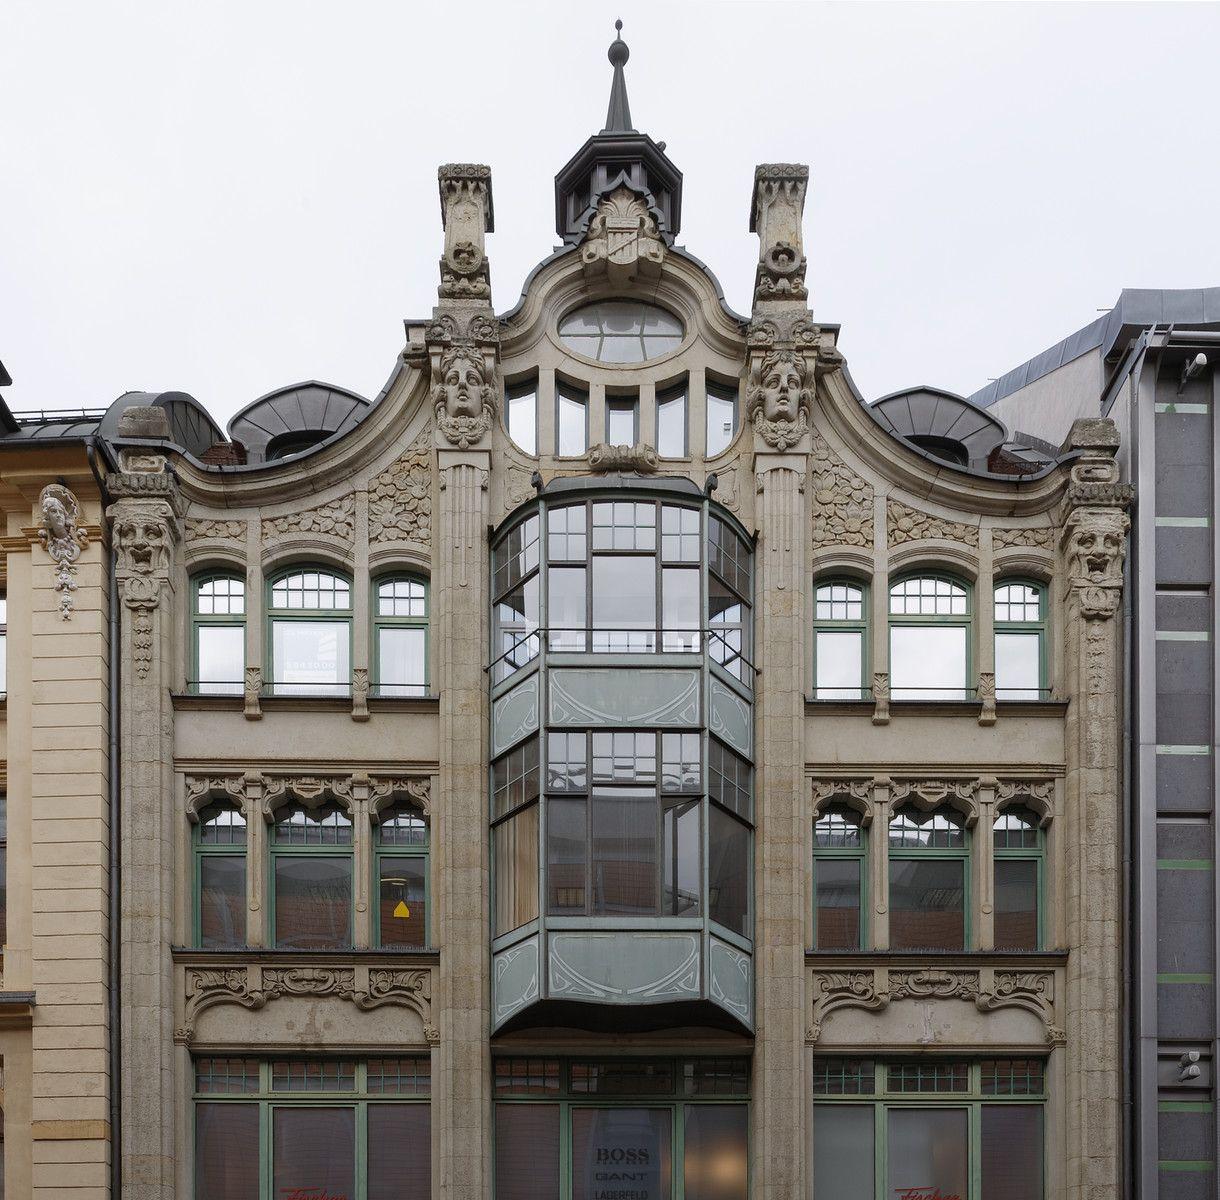 Leipzig Eklektizismus Jugendstil Und Reformstil Architektur 1897 1918 Galerie Page 2 Jugendstil Bauplastik Architektur